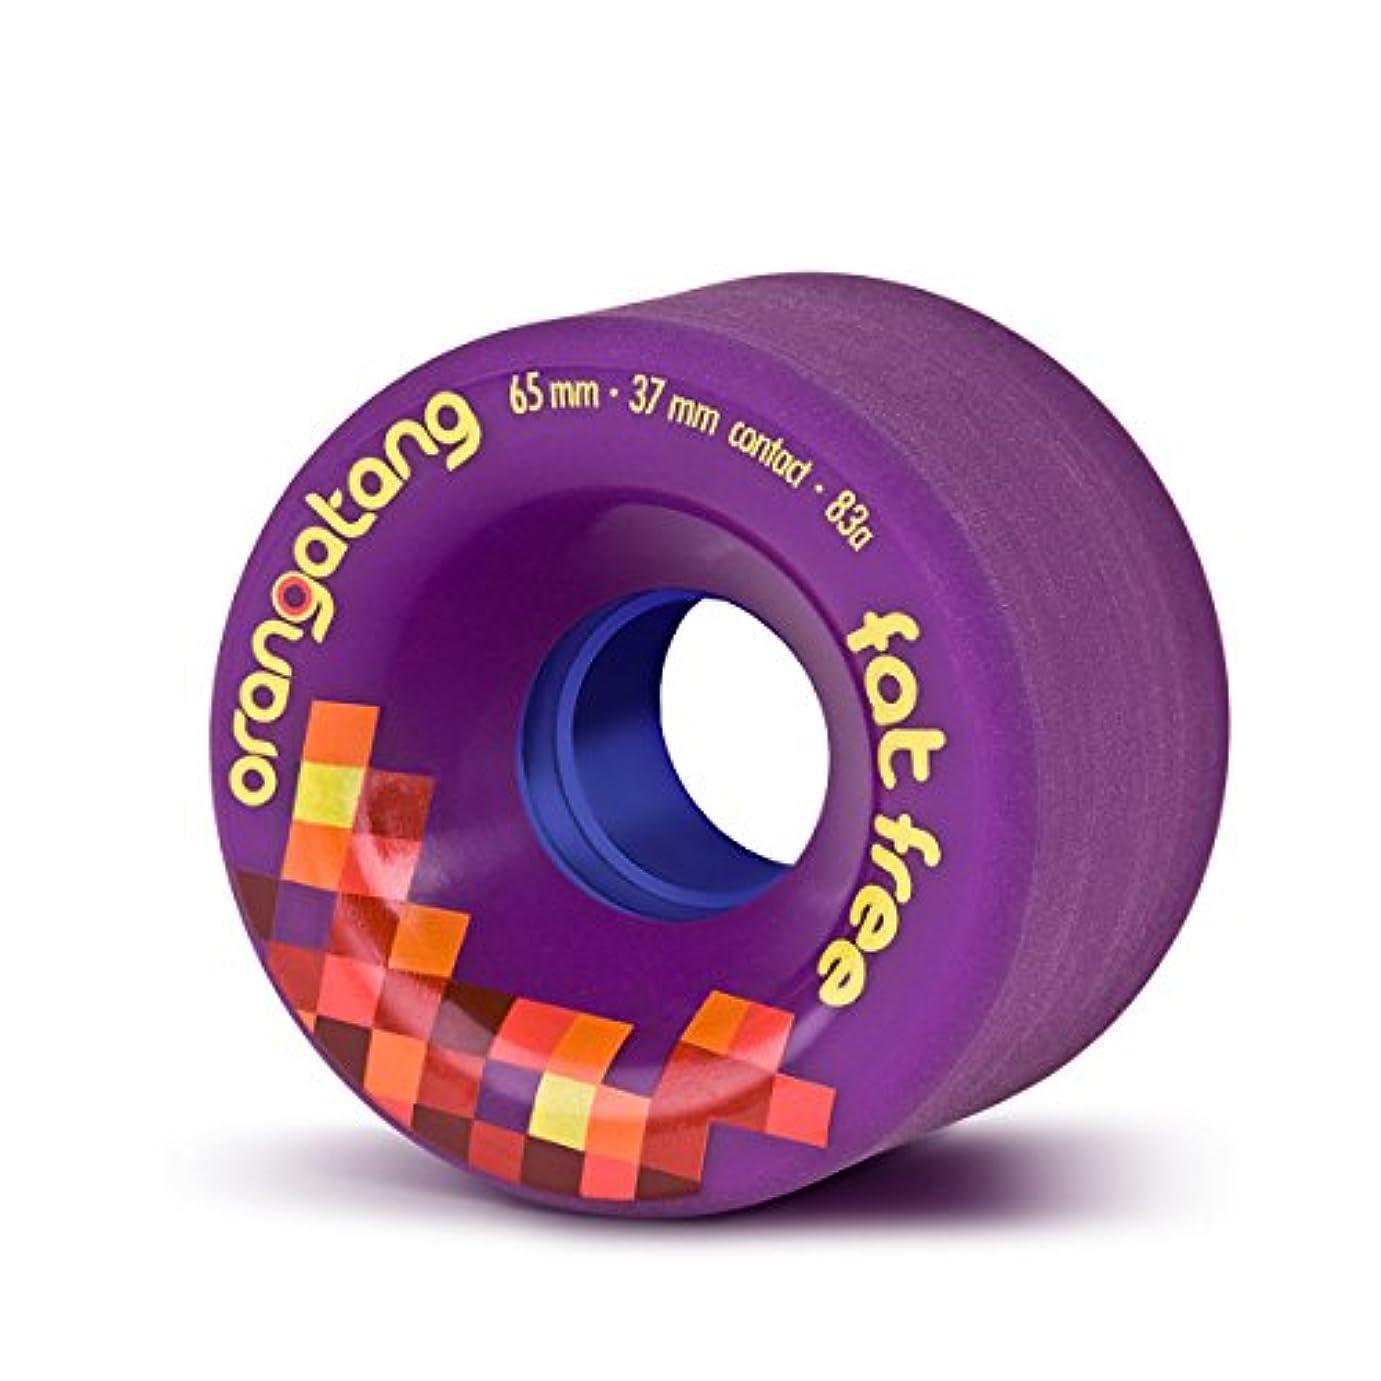 アジア取り囲む南アメリカOrangatang Fat Free 65 mm Freeride Longboard Skateboard Wheels ( Set of 4 )